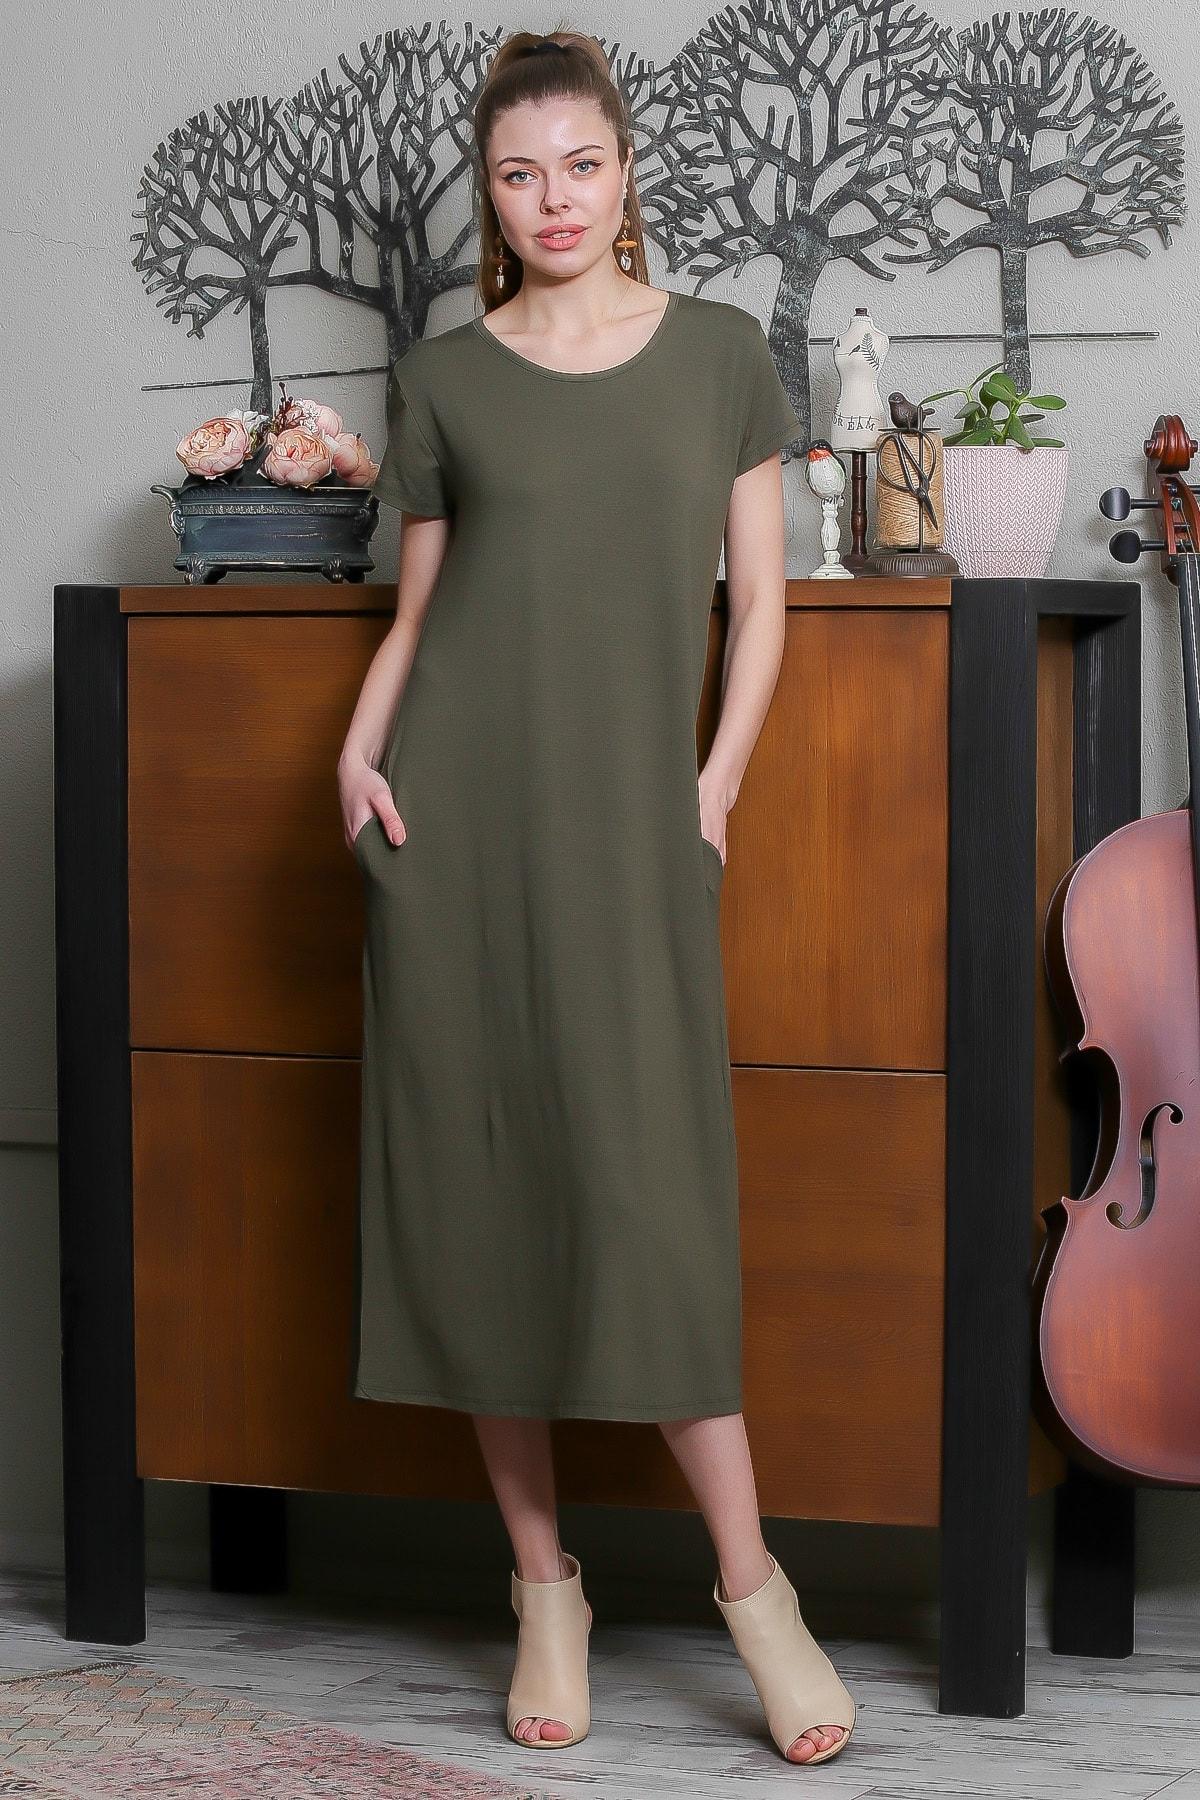 Chiccy Kadın Haki Sıfır Yaka Kısa Kollu Gizli Cepli Salaş Elbise M10160000EL95531 1